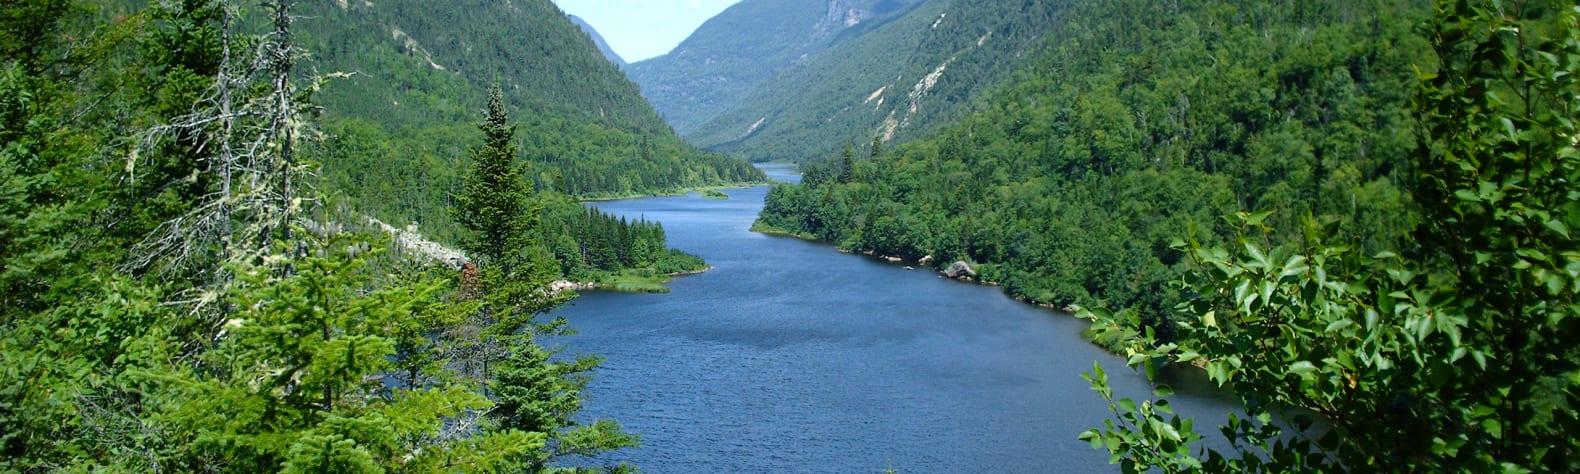 Hautes-Gorges-de-la-Rivière-Malbaie National Park